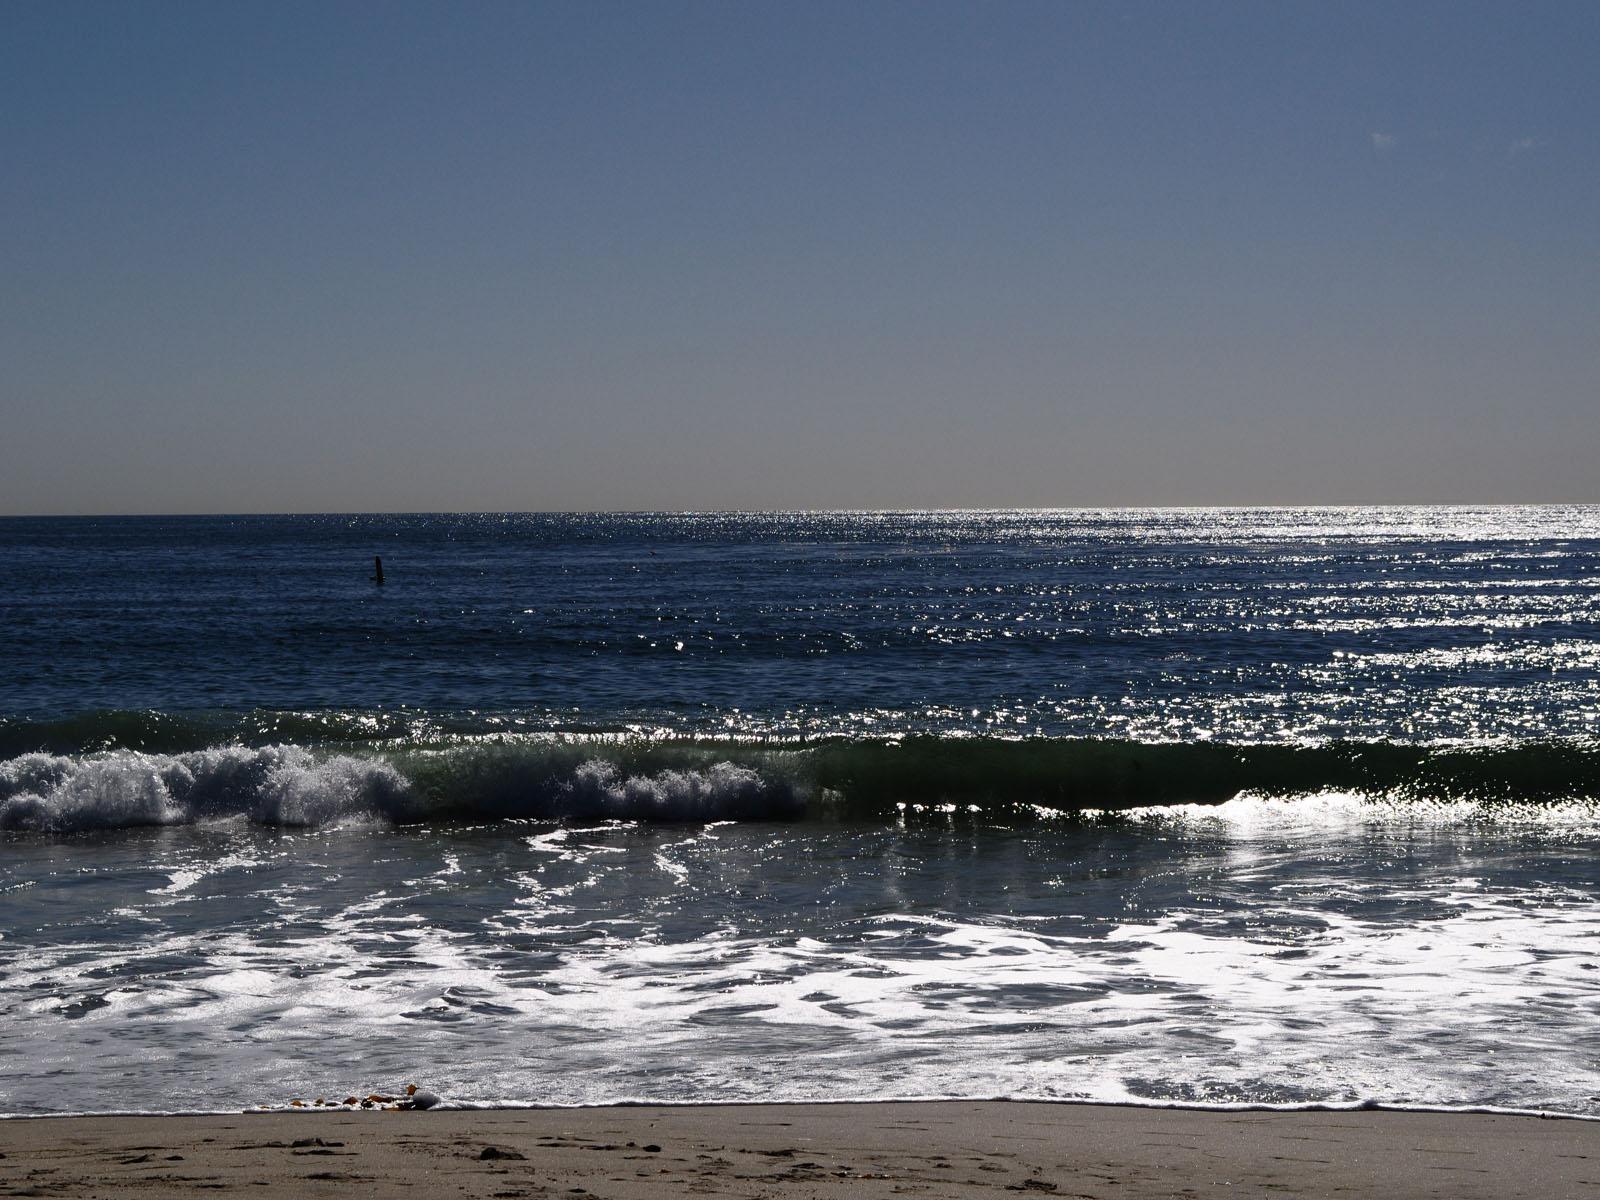 ocean screensaver screensavers for android ocean screensaver 1600x1200